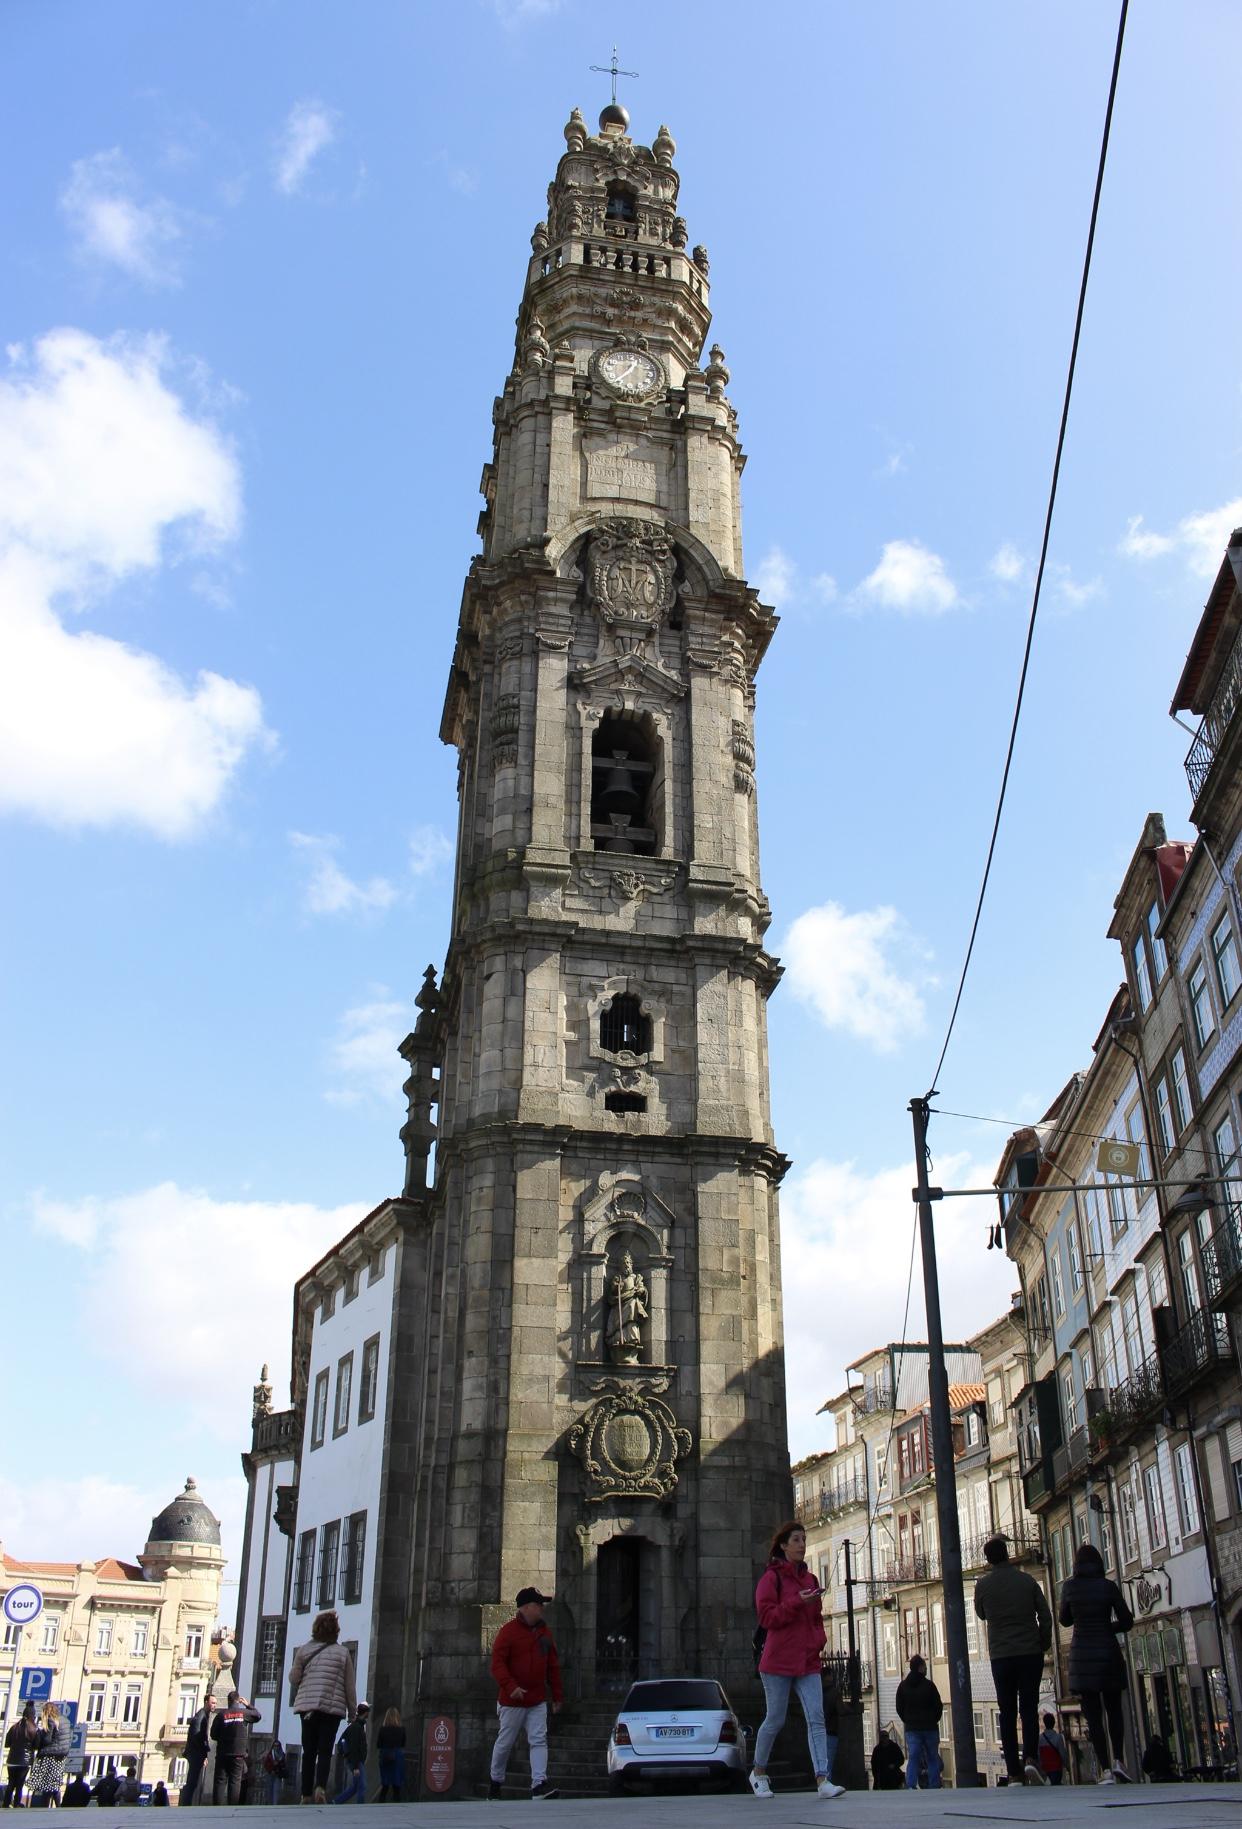 Porto-Reisebericht-Sightseeing-Tipps-Torre-Clerigo-Miss-Suzie-Loves